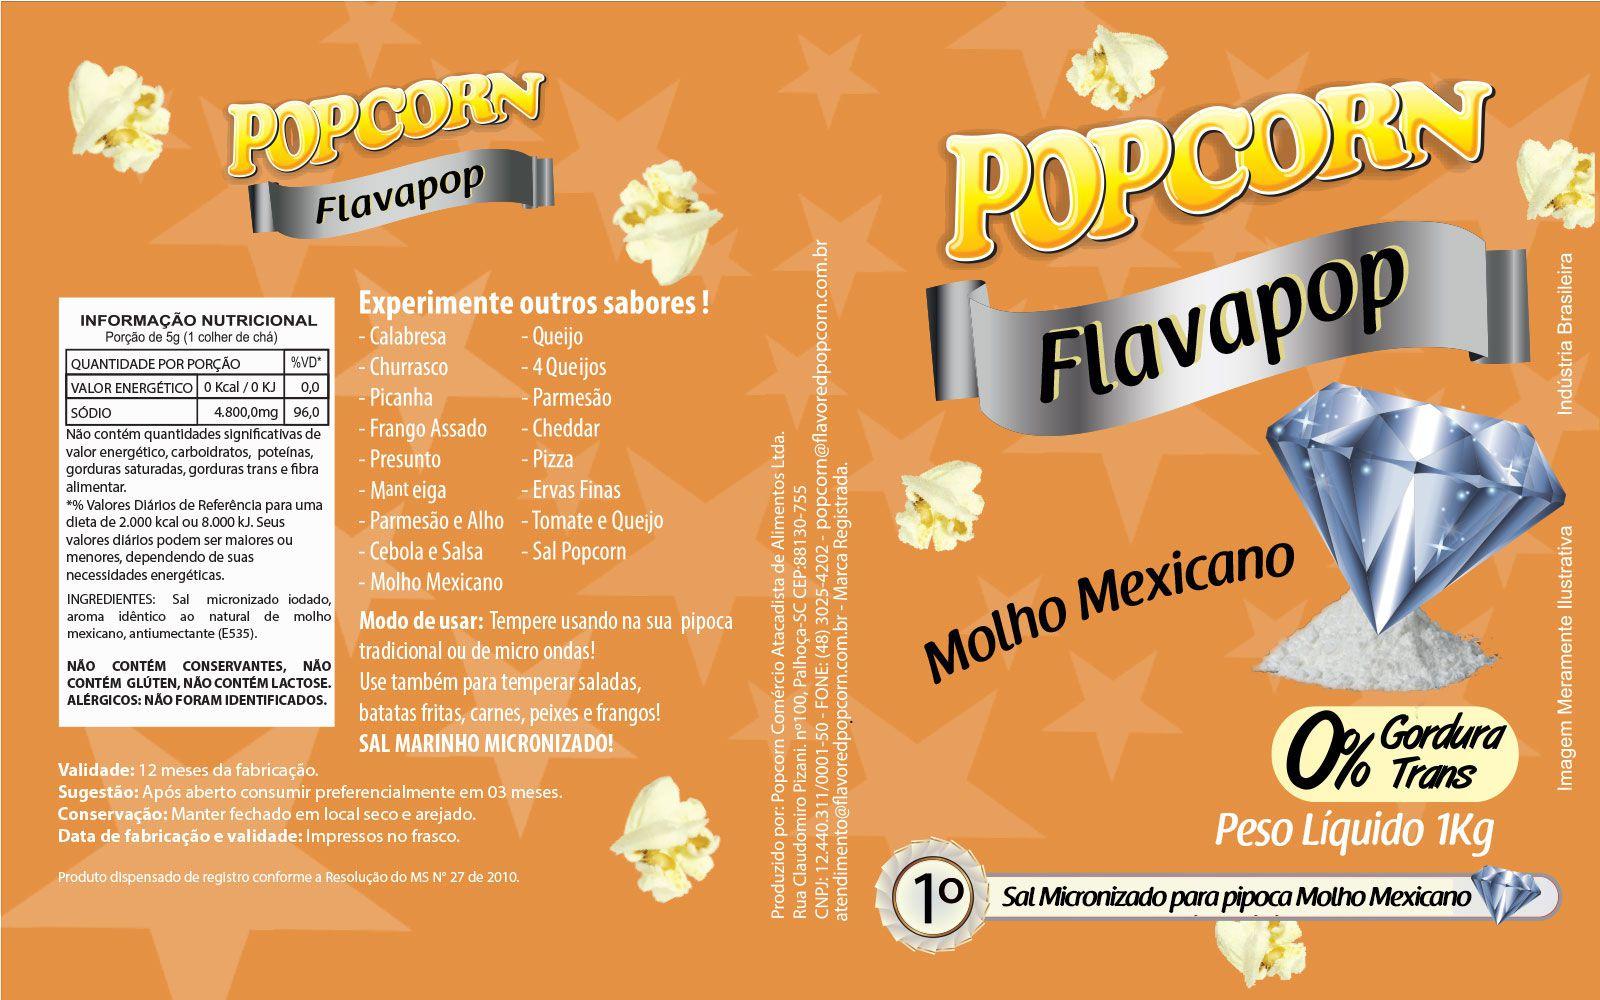 FLAVAPOP - Original de cinema -  Molho Mexicano - Micronizado Popcorn  - Pct 1kg